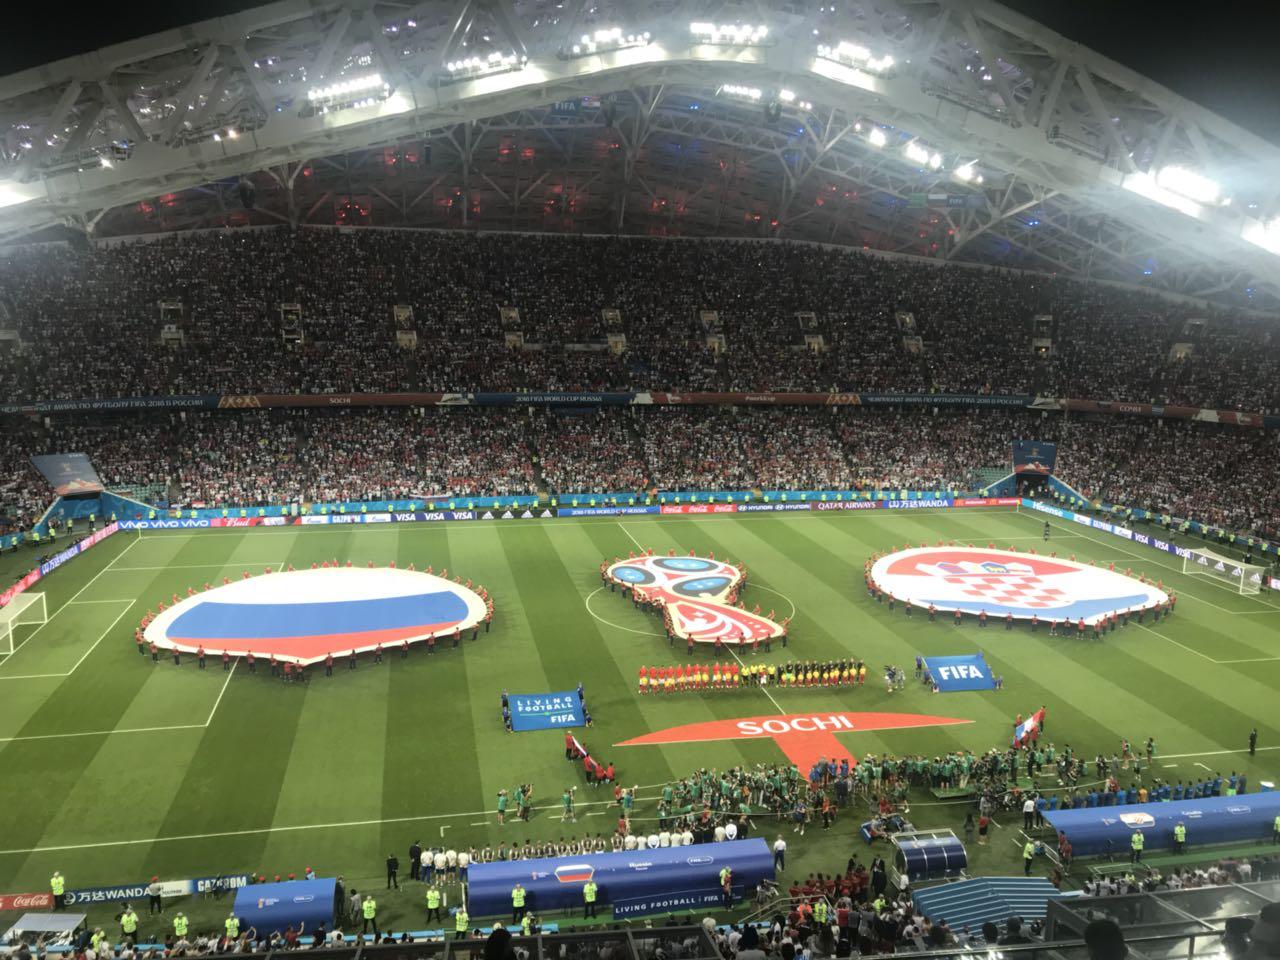 Столичные стадионы возглавили рейтинг ЧМ-2018 позаполняемости